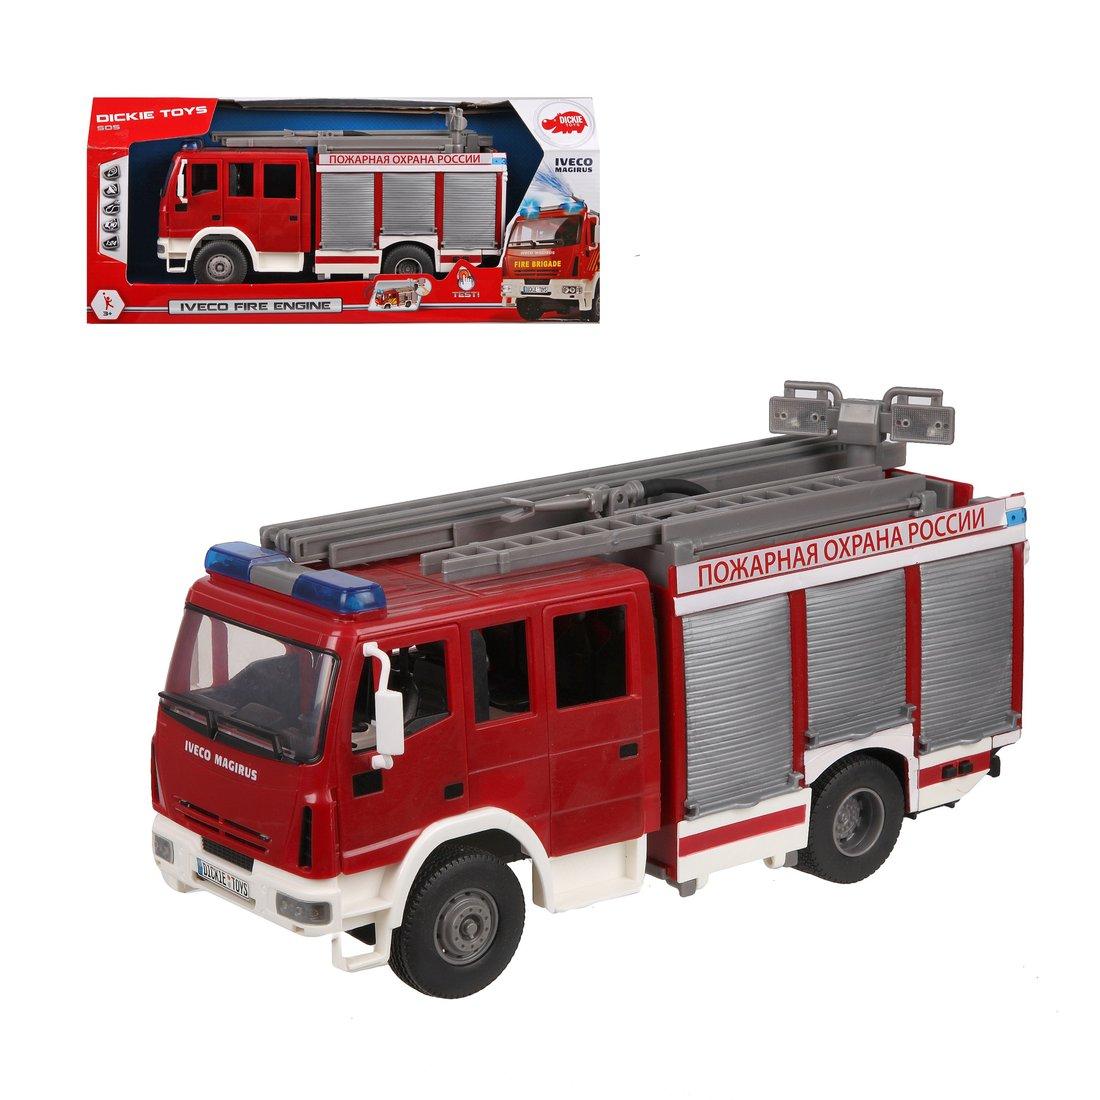 Пожарная машина с водой, 30см, св., зв, св.ход.